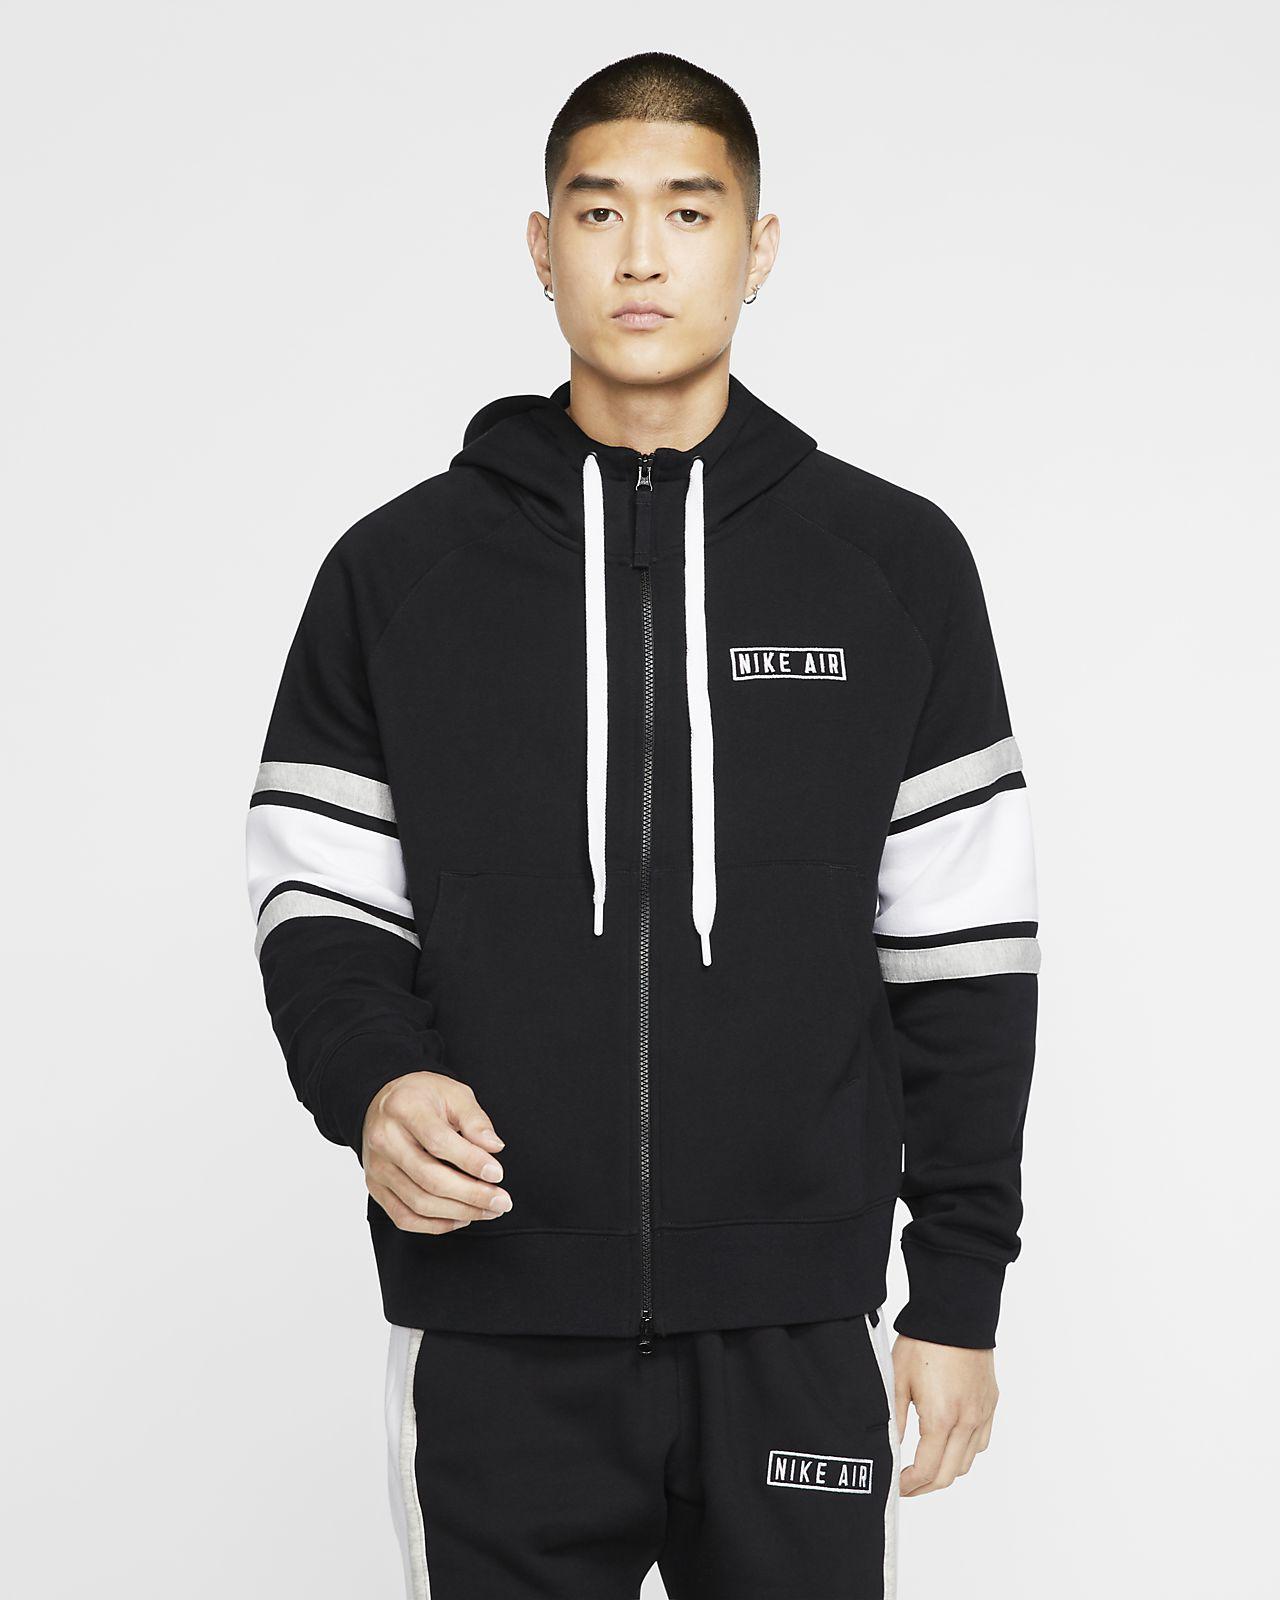 Sudadera Nike Air cuello alto gris jaspeada con capucha